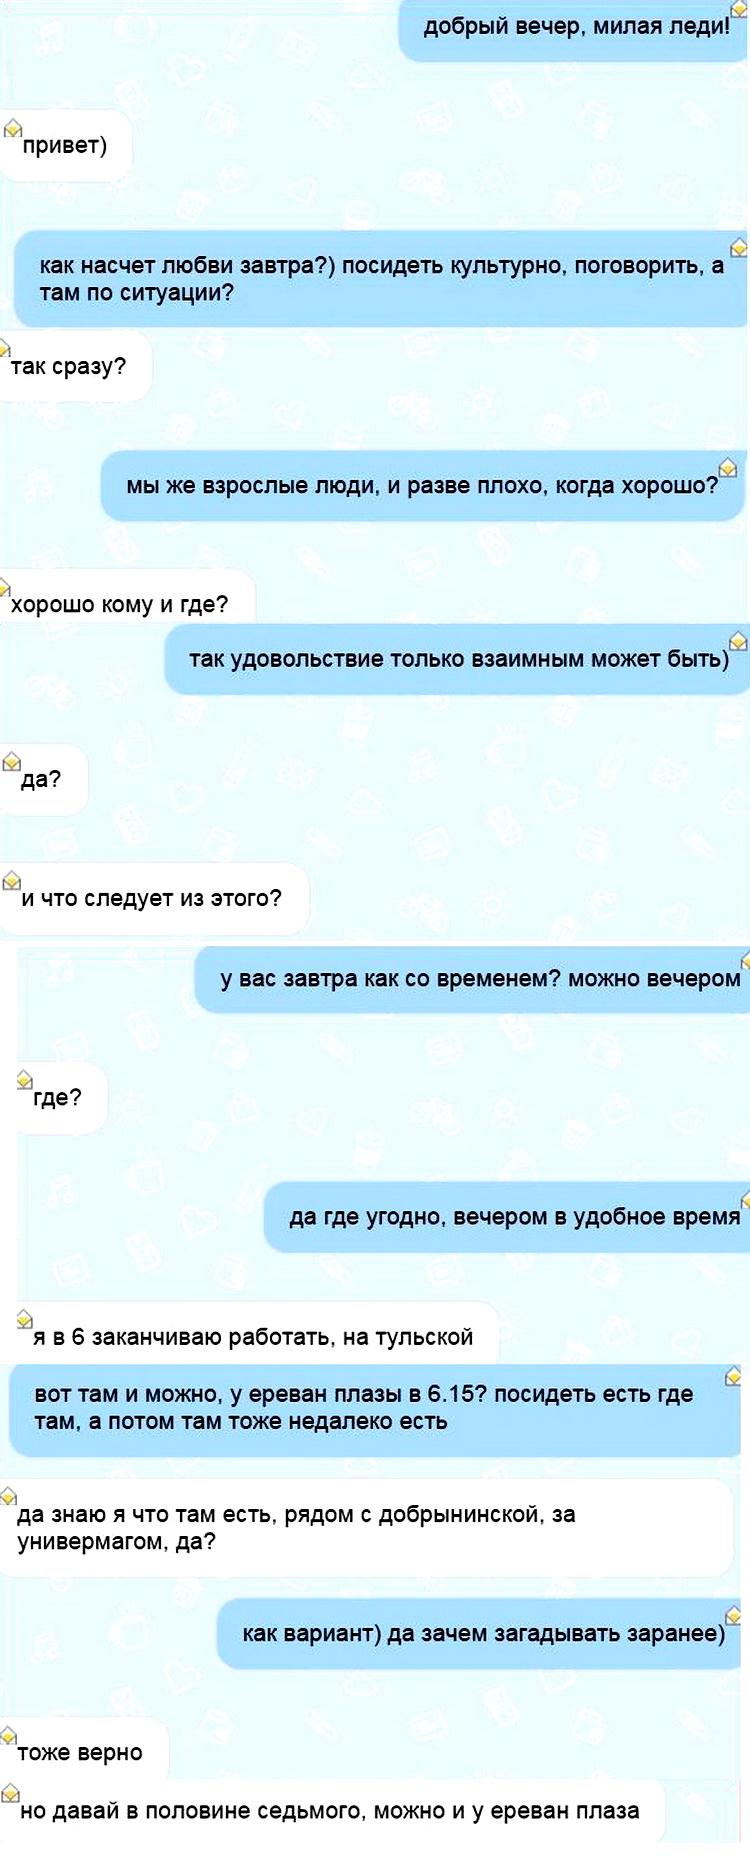 пример общения с девушками на сайтах знакомств